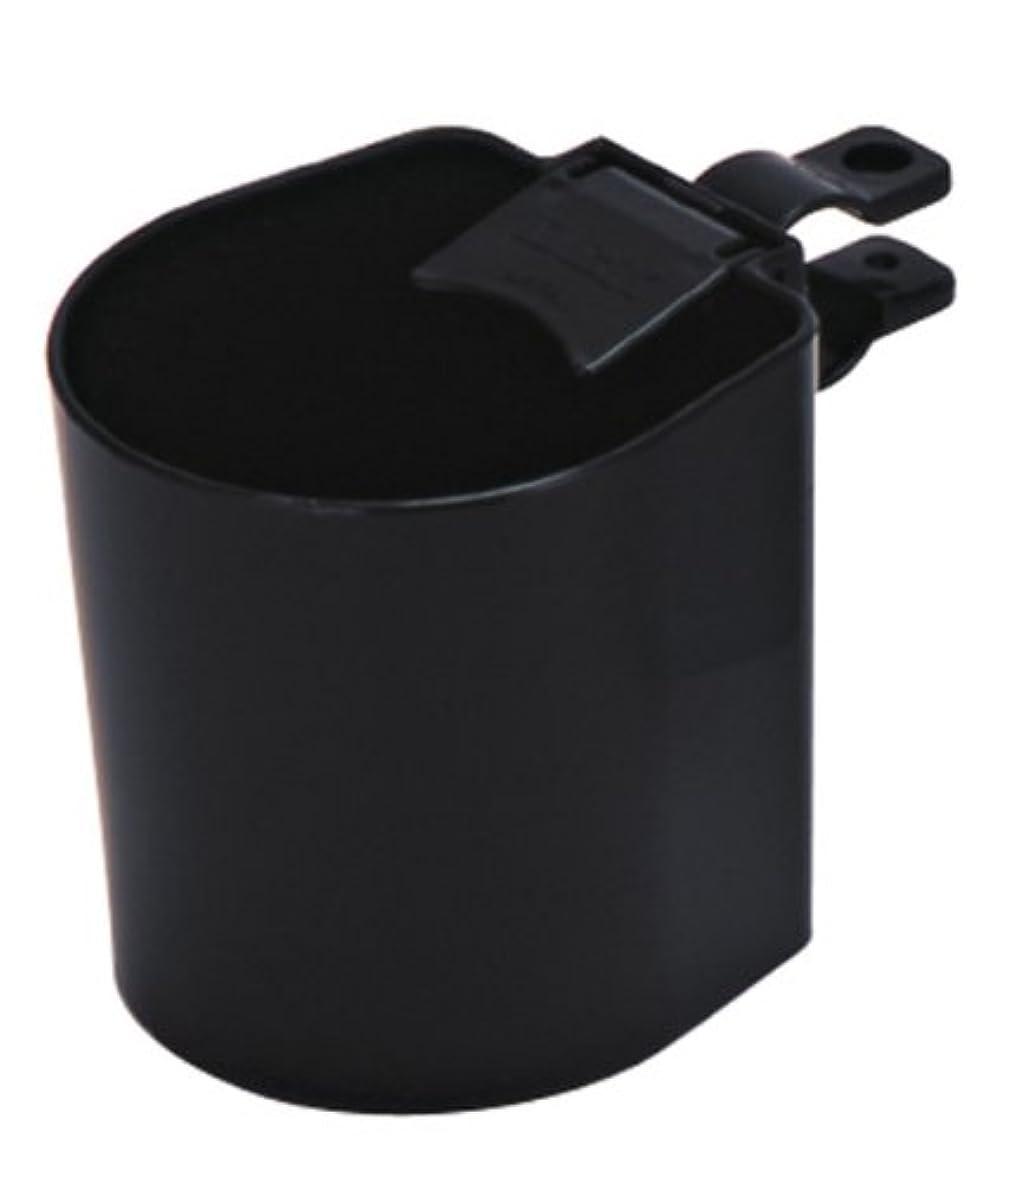 カーペット忌み嫌う提出するOGK ドリンクホルダー PBH-002 ブラック